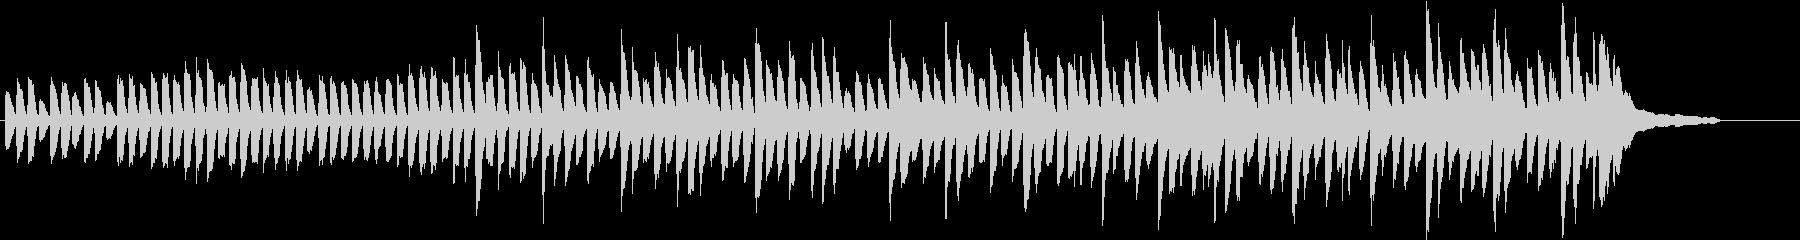 日常的でどこか不思議な場面で使える曲の未再生の波形